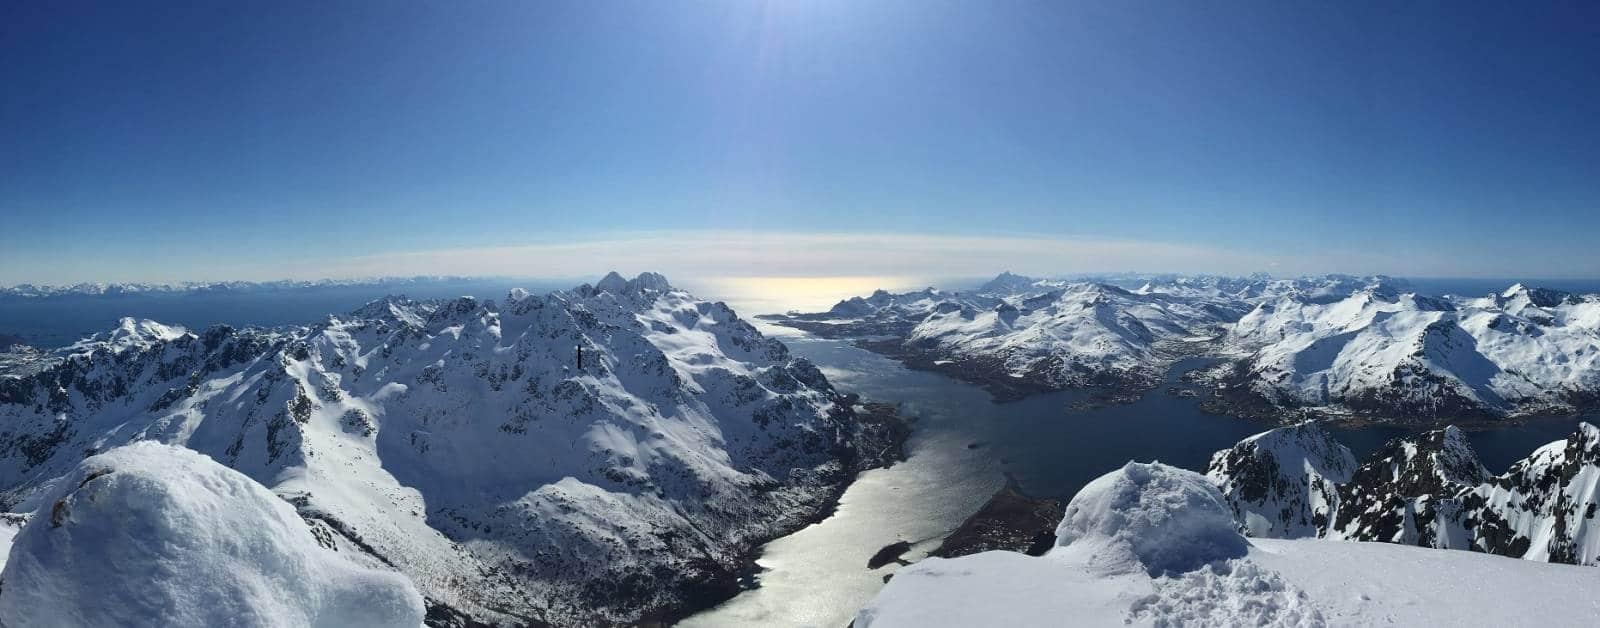 Trip de ski de randonnées aux Iles Lofoten - Norvège